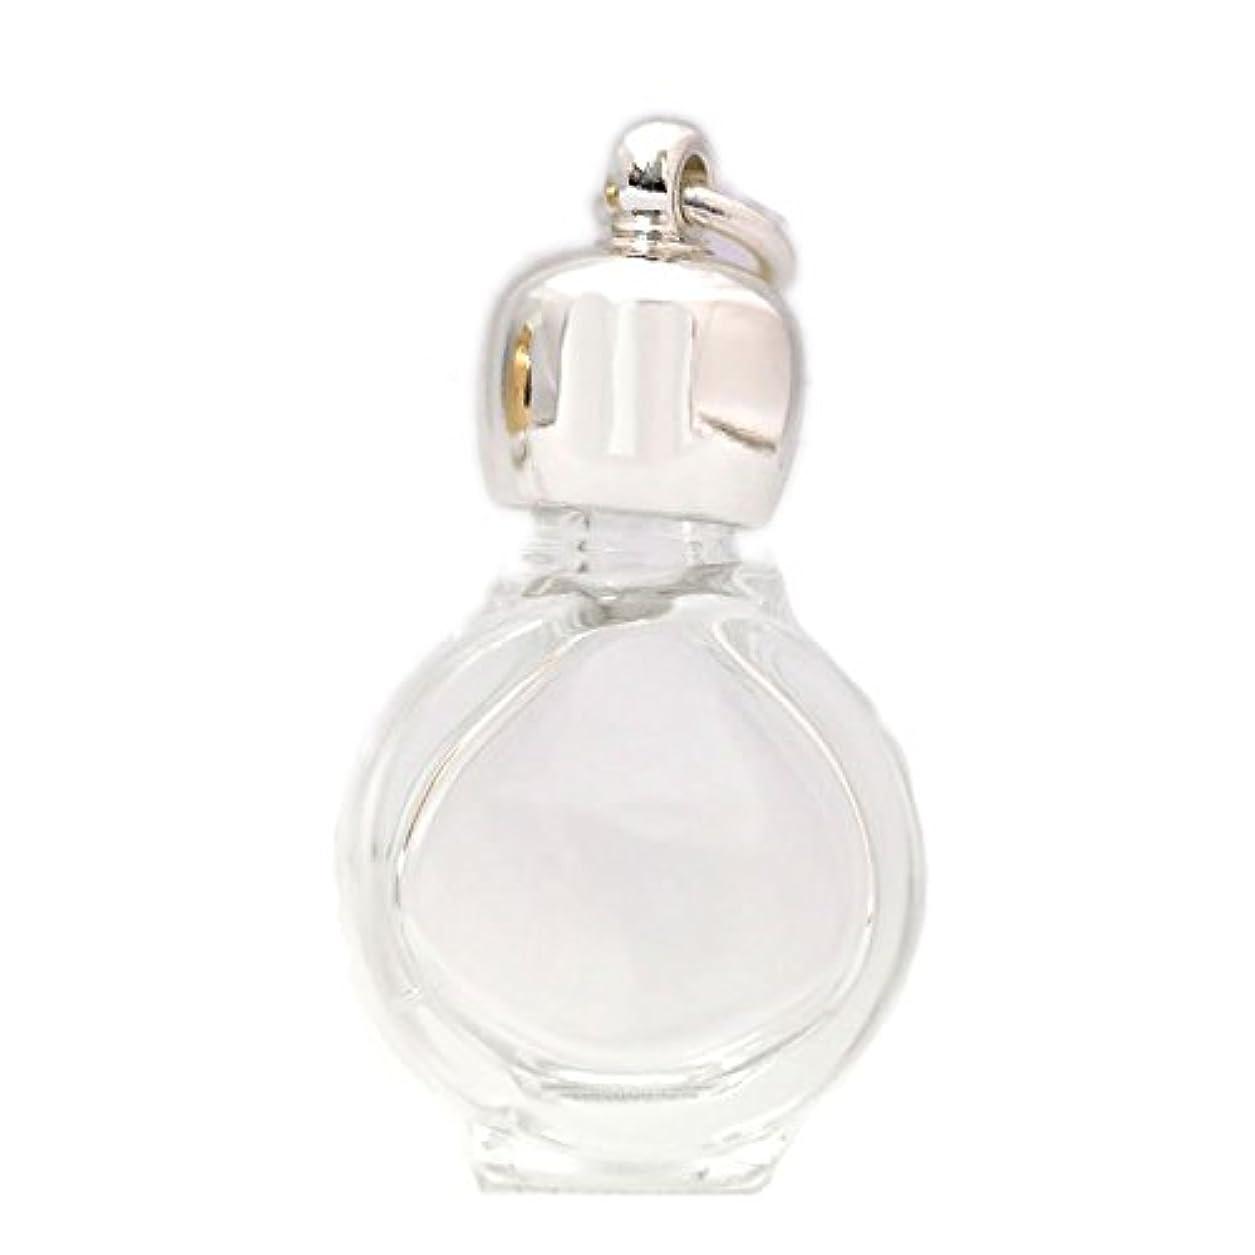 シャット締める汚すミニ香水瓶 アロマペンダントトップ タイコスキ(透明)1ml?シルバー?穴あきキャップ、パッキン付属